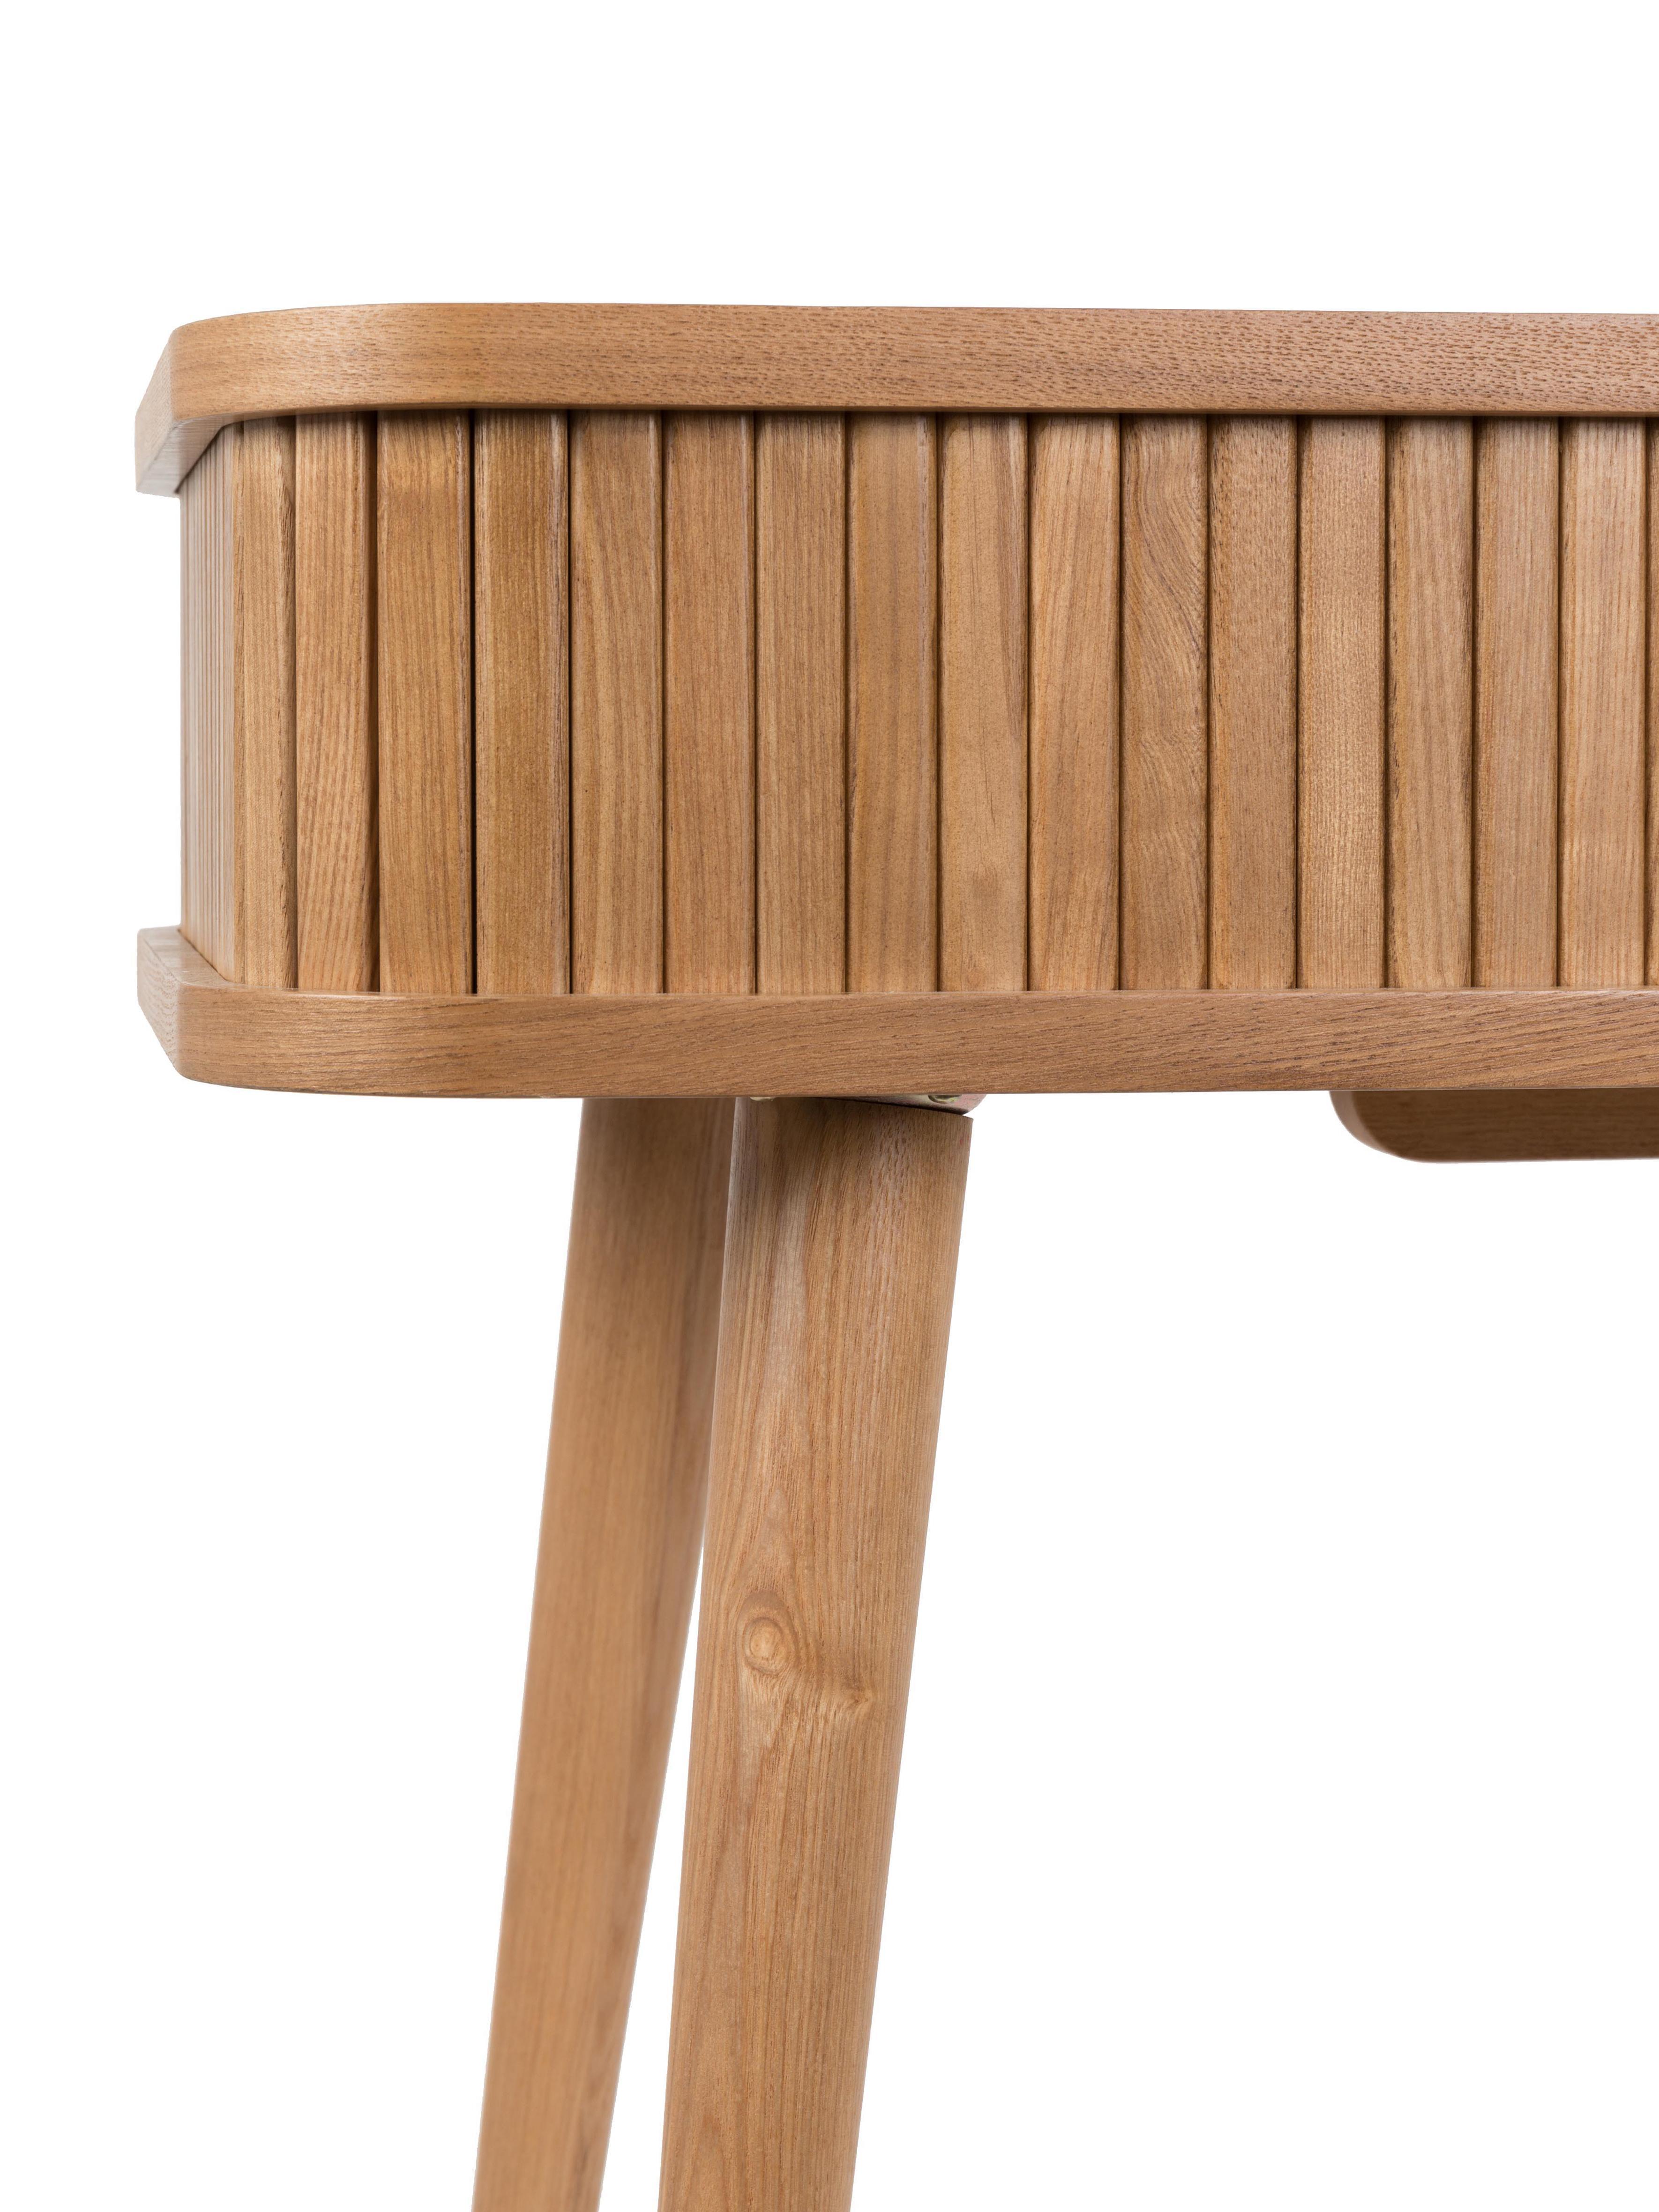 Consolle in legno con cassetti Barbier, Struttura: pannelli di fibra a media, Piedini: legno di frassino massicc, Corpo: marrone<br>Ante scorrevoli e gambe: legno di frassino, Larg. 120 x Prof. 35 cm